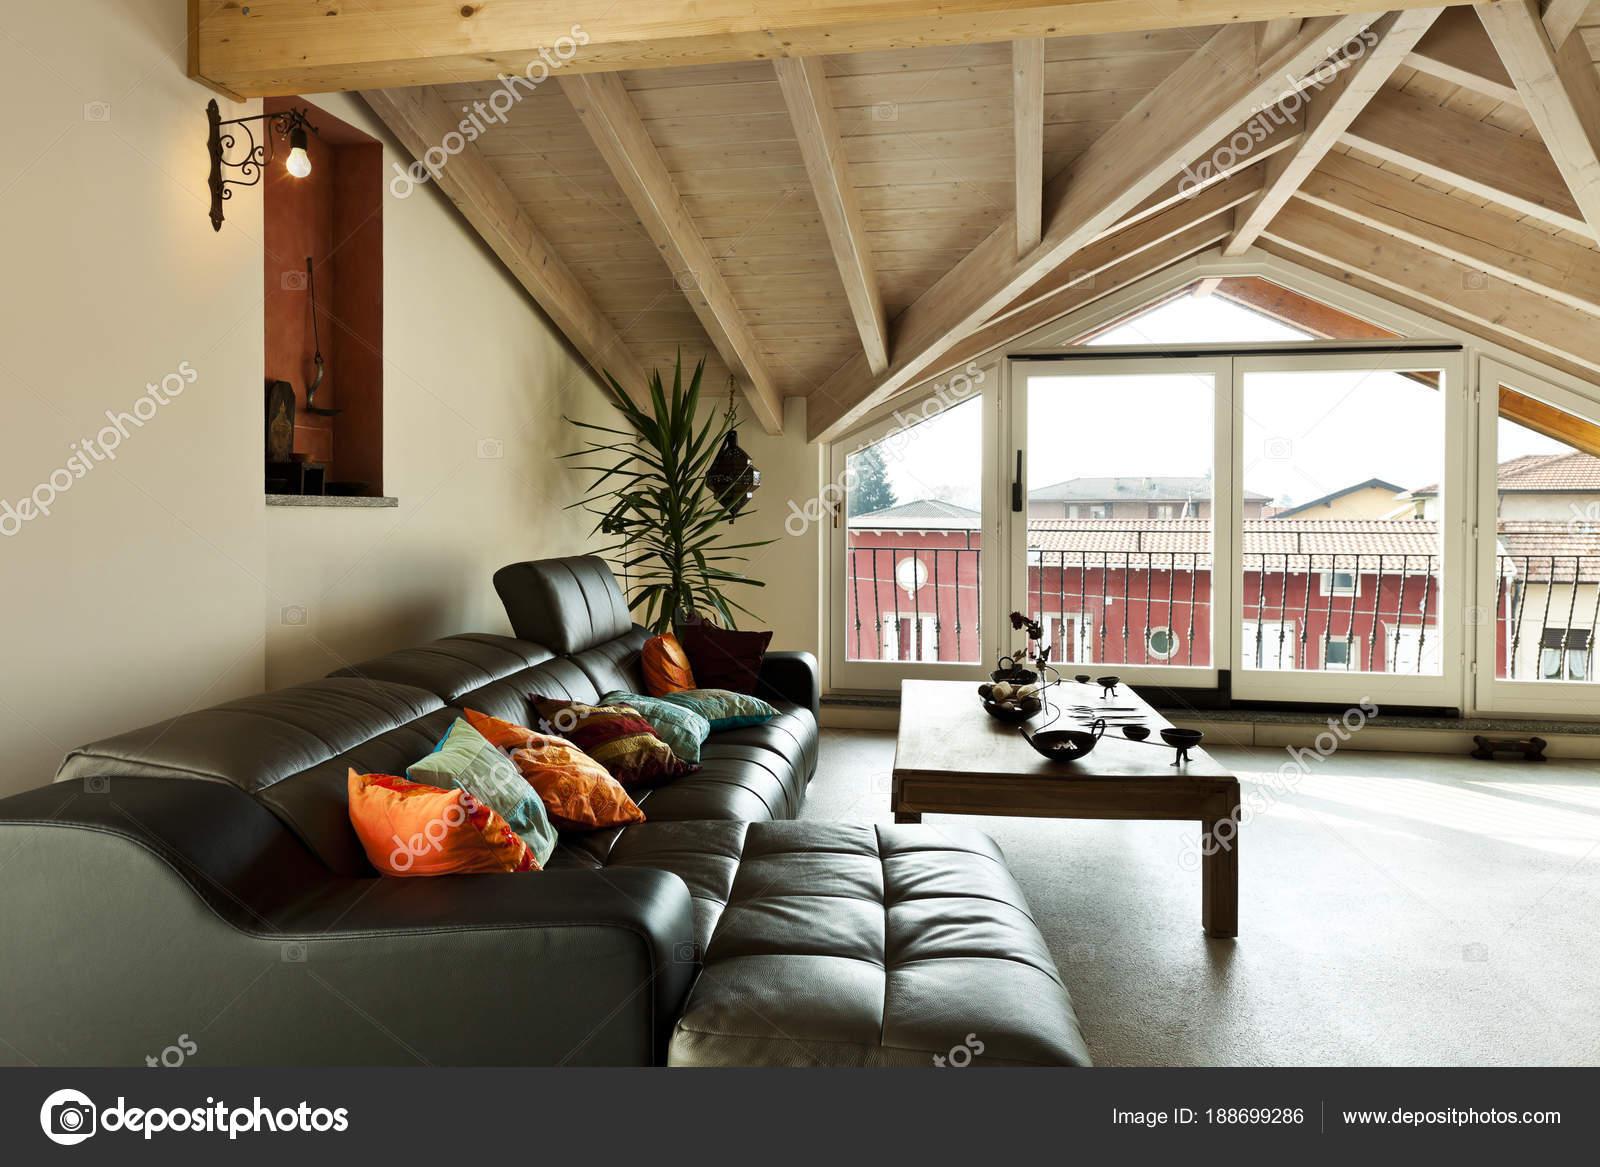 innen neue Loft, ethnische Möbel, Wohnzimmer — Stockfoto © Zveiger ...